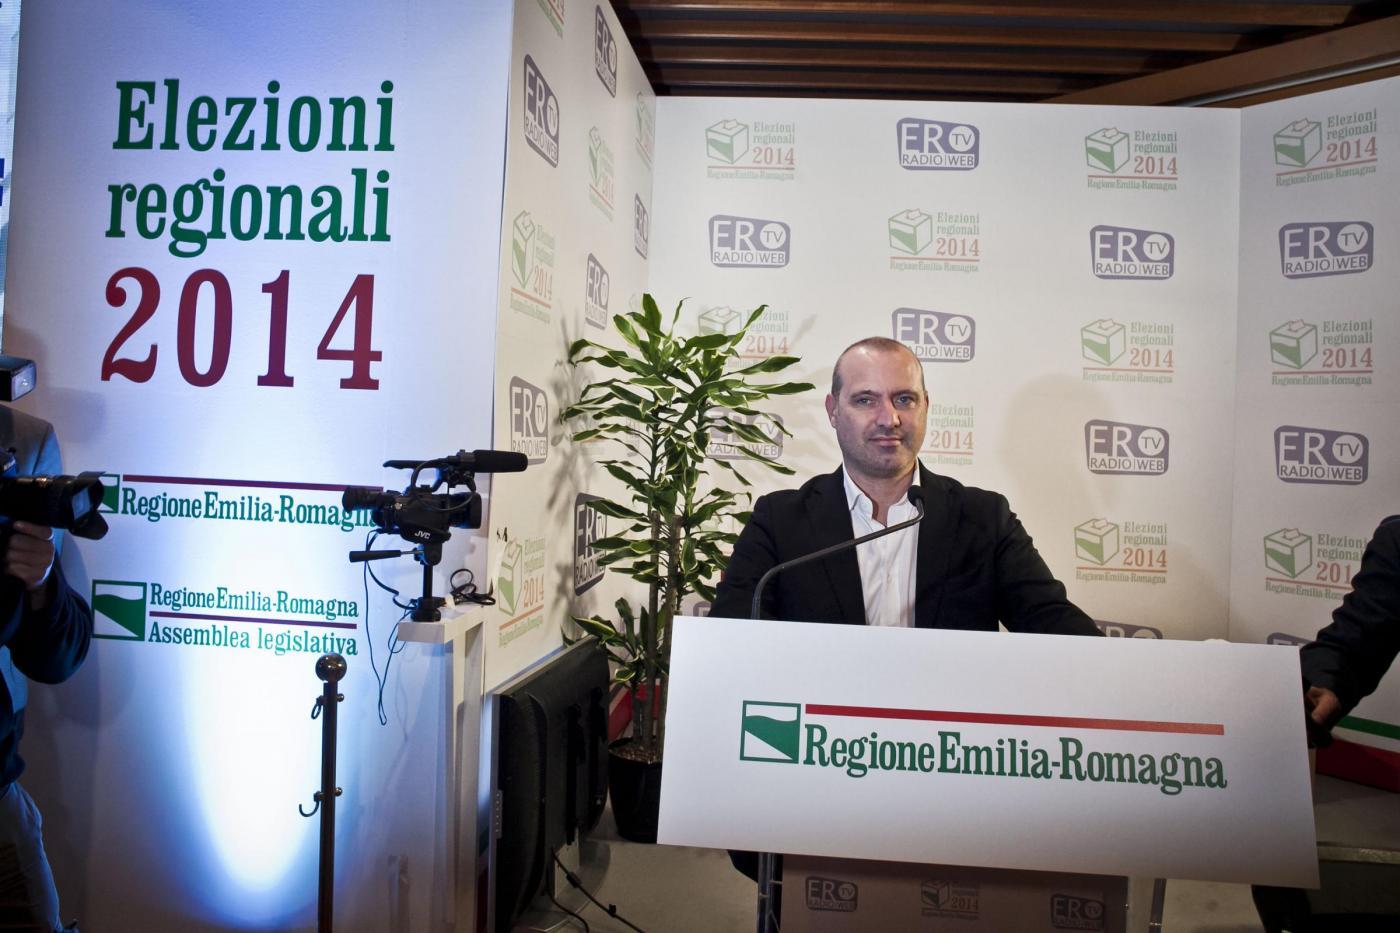 Elezioni Regionali 2014 in Emilia Romagna: vince il Centrosinistra ma crolla l'affluenza